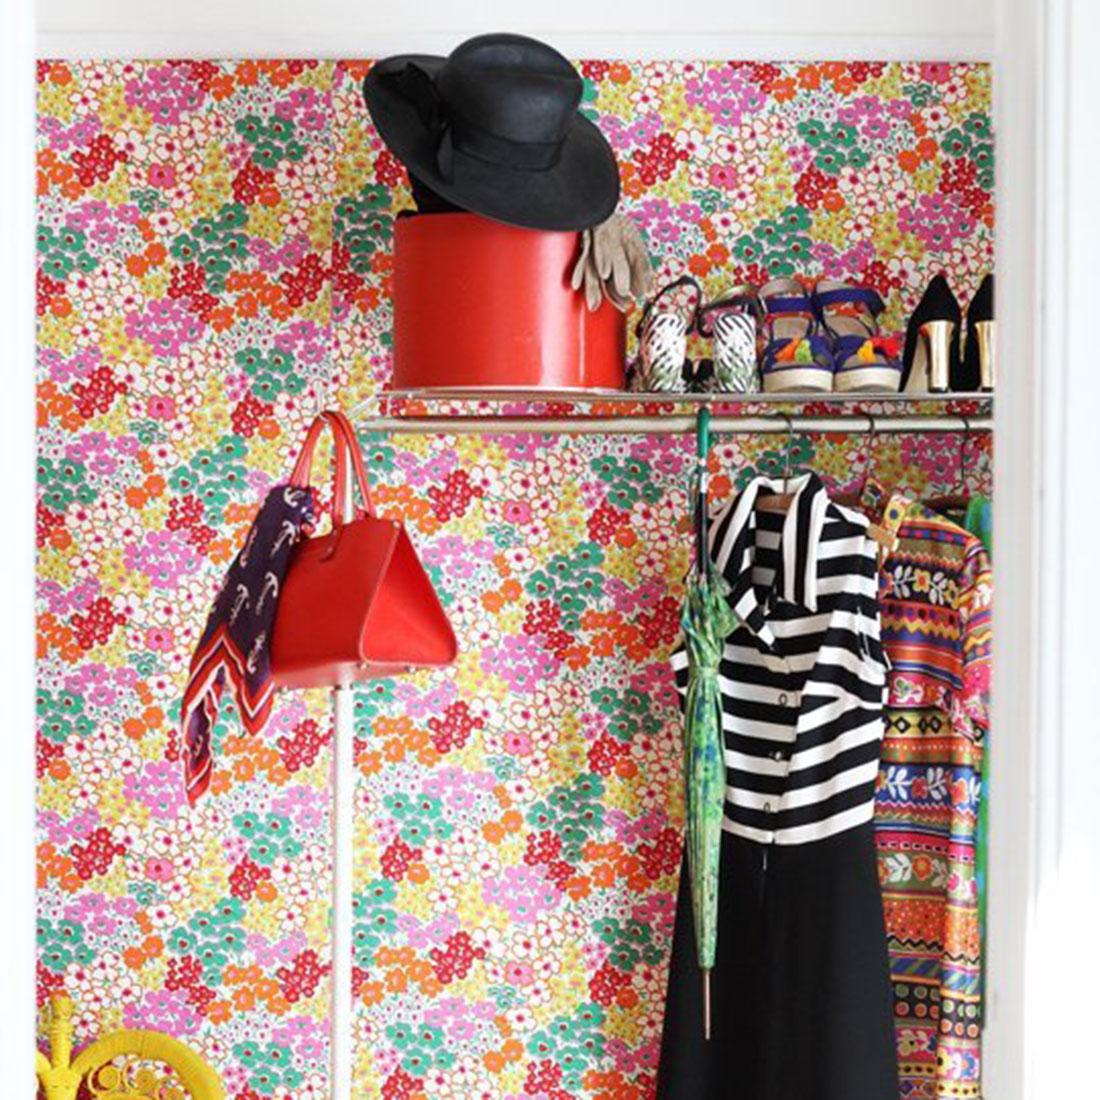 apartment wallpaper 1100x1100